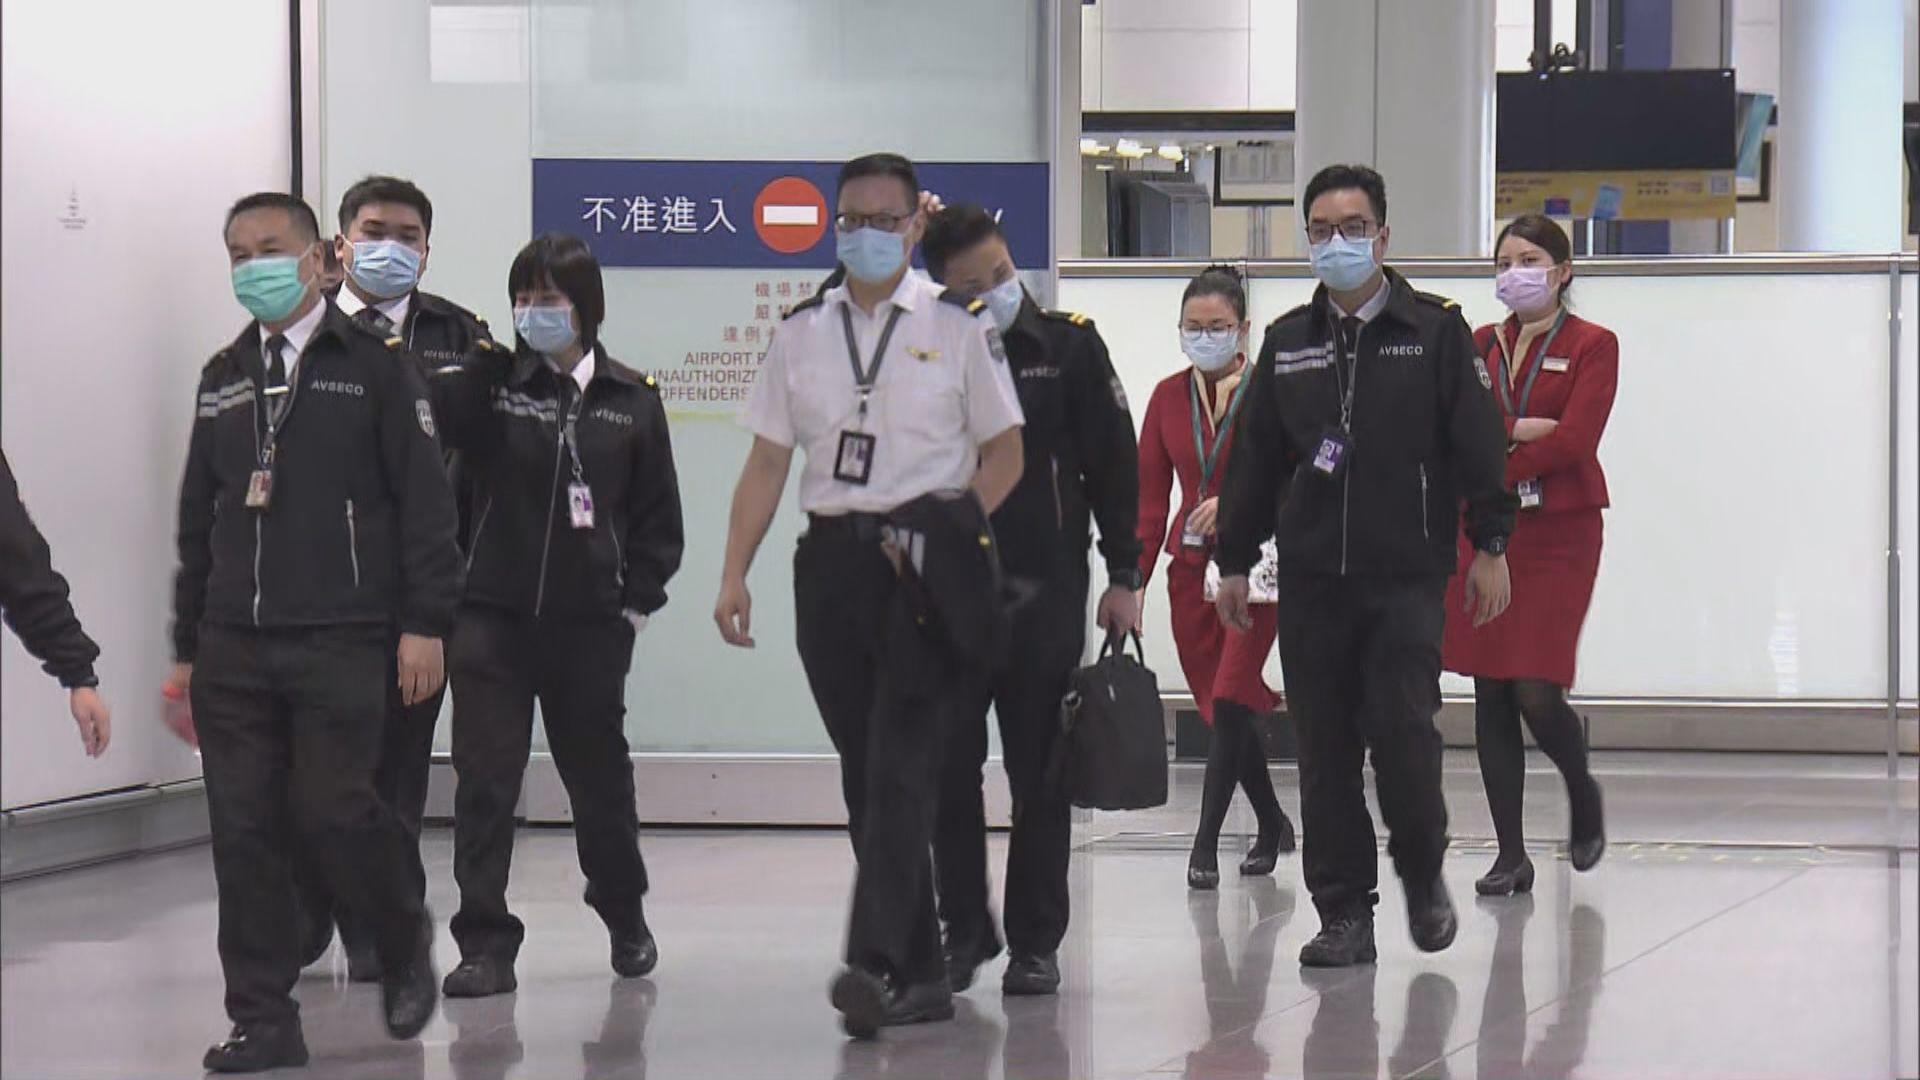 機組人員將須在指定酒店檢疫14天 國泰指正向當局索取更多落實細節